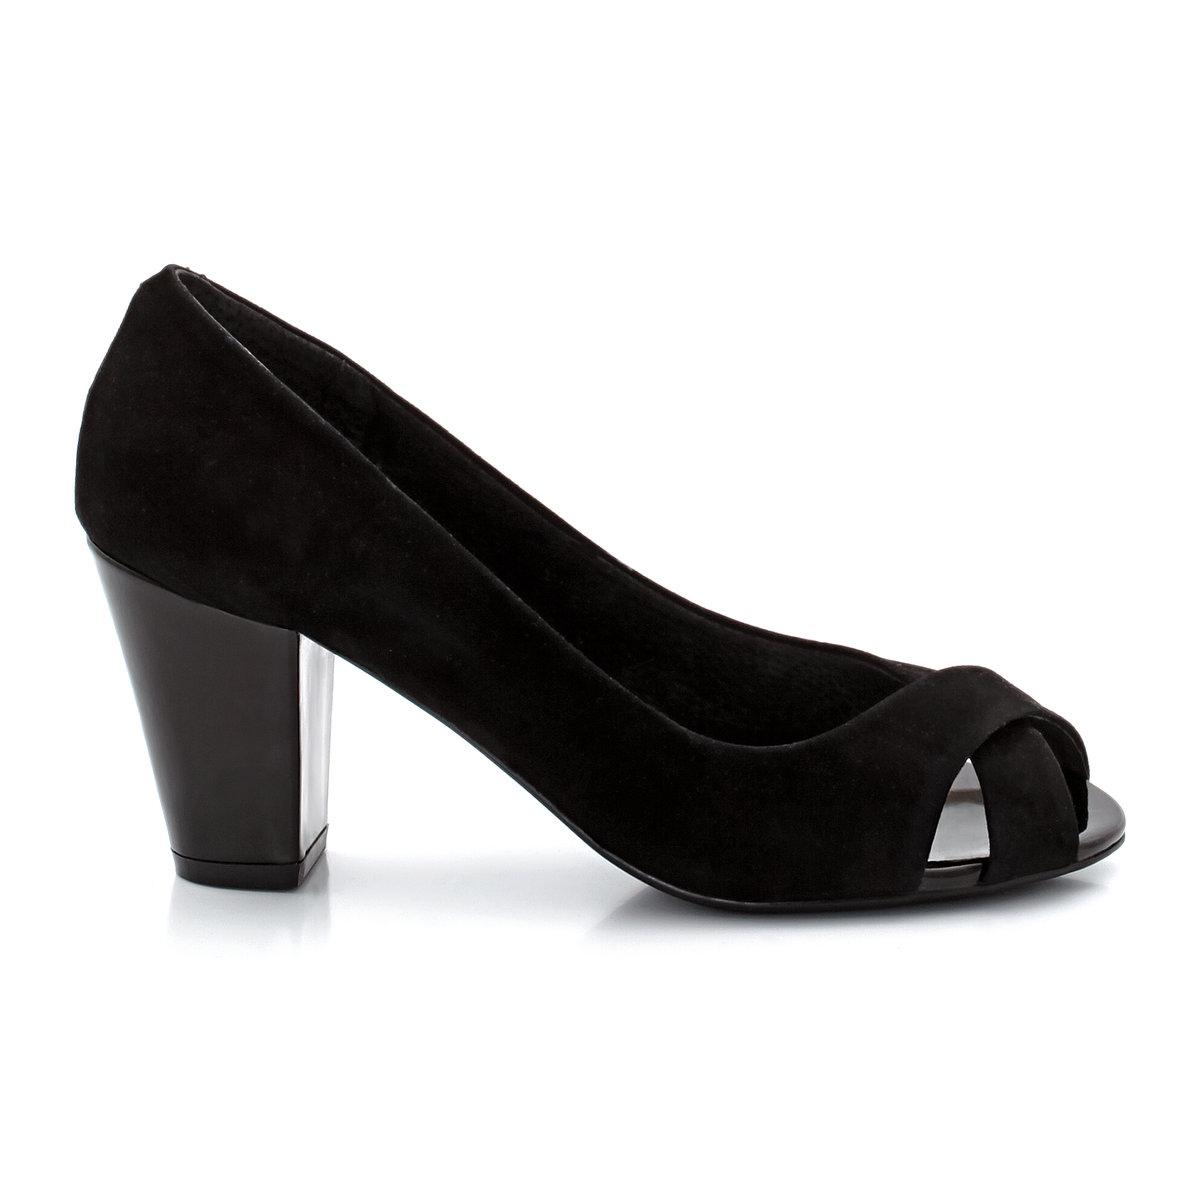 Туфли из велюра с открытым мысомTaillissime, туфли от 38 до 45 размера по одной цене! Верх: козий велюр. Подкладка: кожа. Стелька: кожа на пористой основе. Подошва: эластомер. Высота каблука:  6,5 см. Плюс модели: широкий лакированный каблук для устойчивости и комфорта, декоративный бантик сзади.<br><br>Цвет: черный<br>Размер: 38